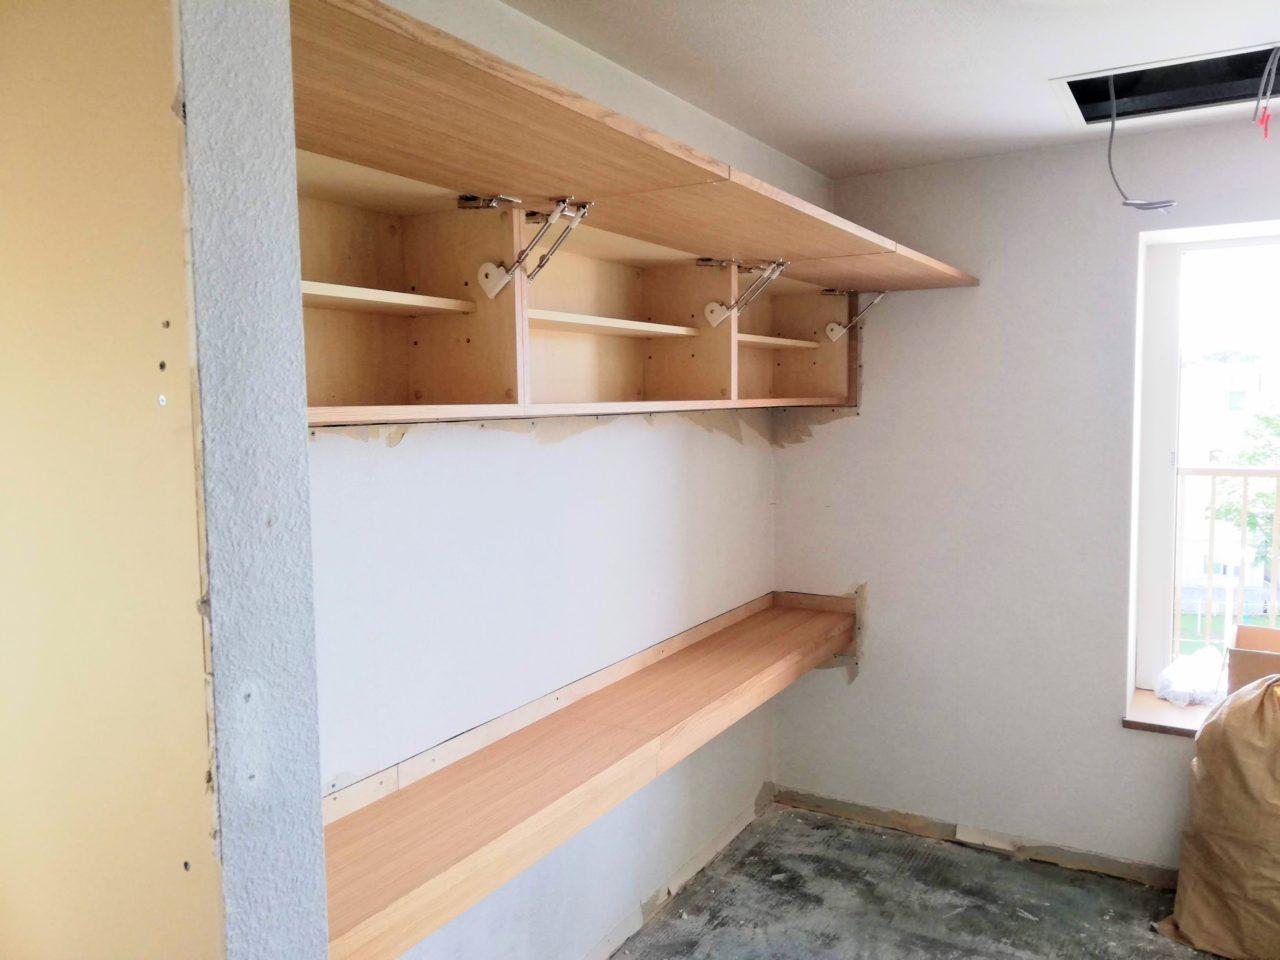 マンションリフォームに伴いatelier Kibacoさんより発注の吊り棚とカウンターです。